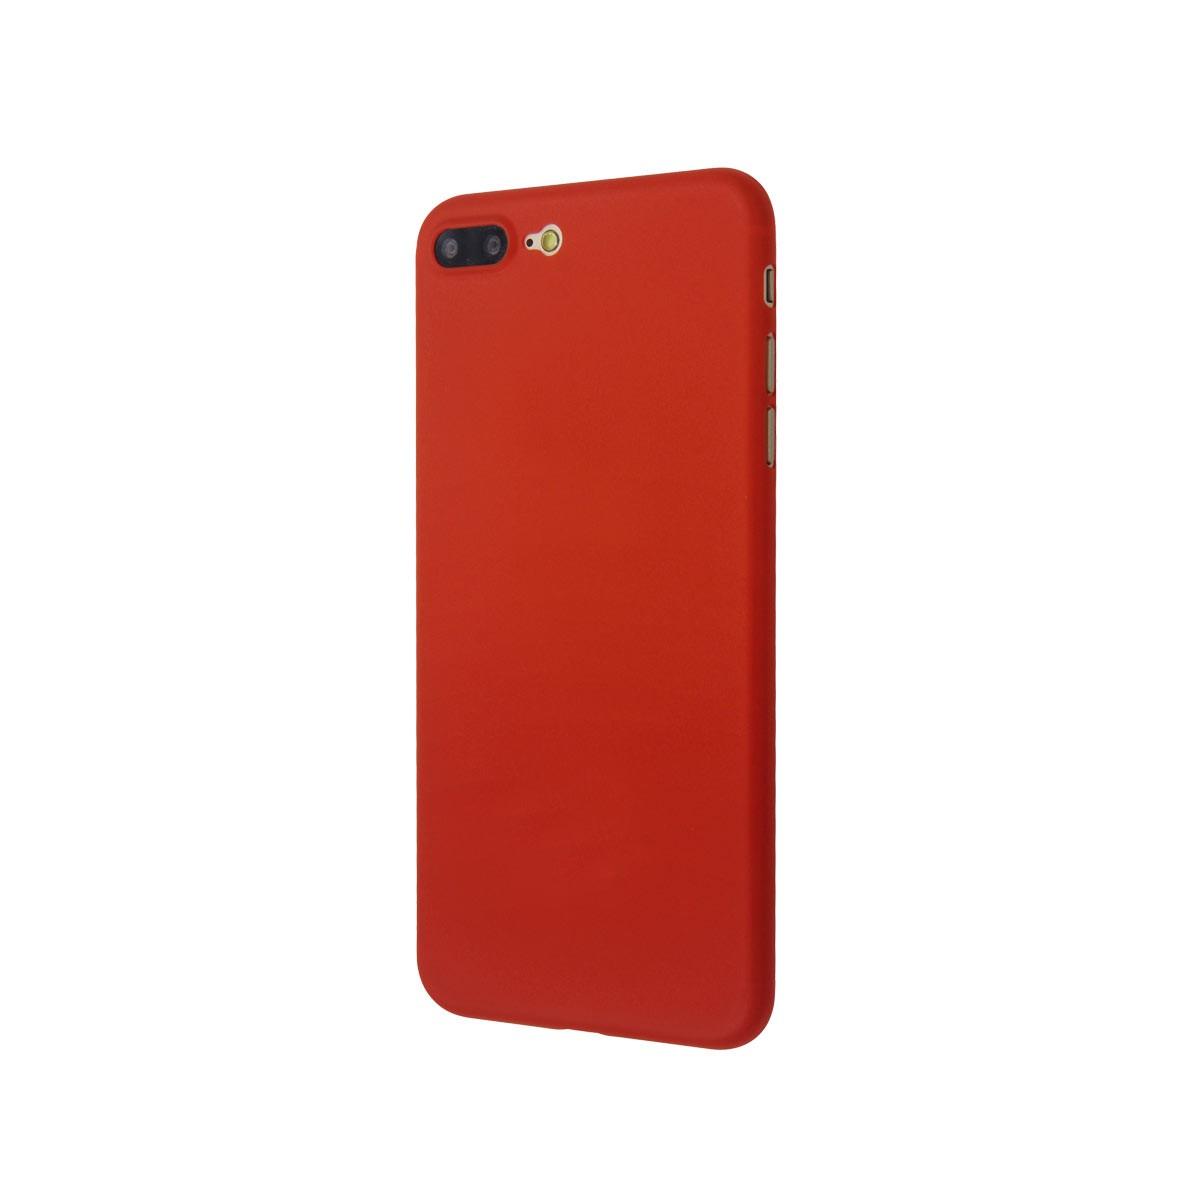 Capac protectie spate cellara colectia thin pentru iphone 7 plus/8 plus - rosu